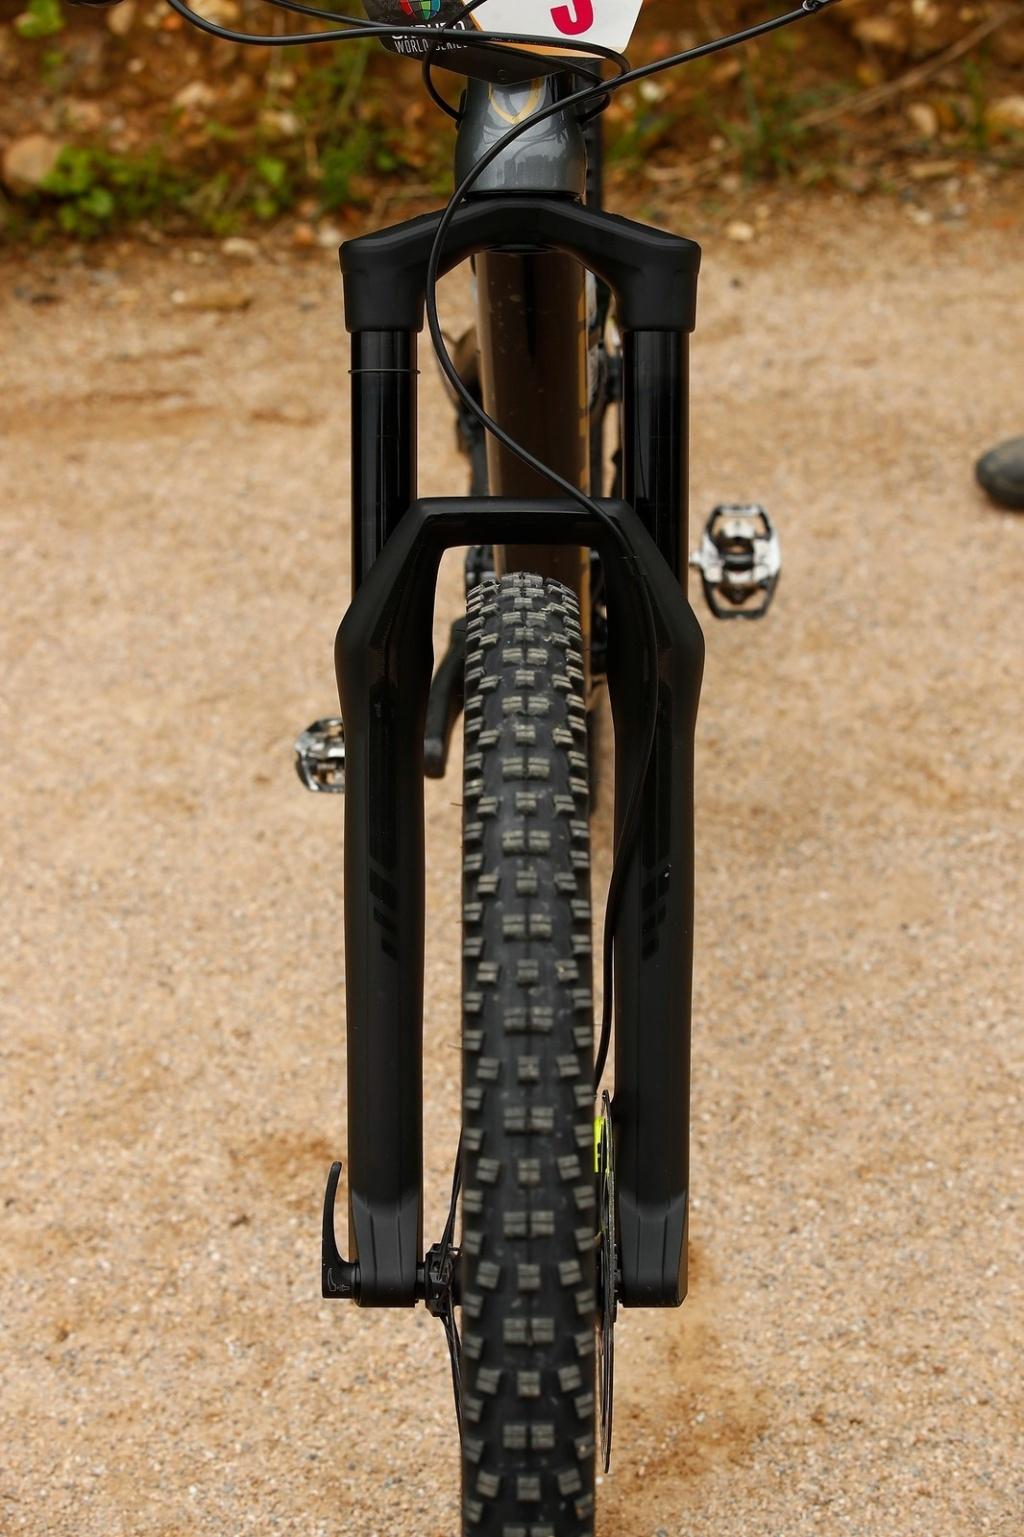 Новое железо: Прототип новой вилки от DT Swiss